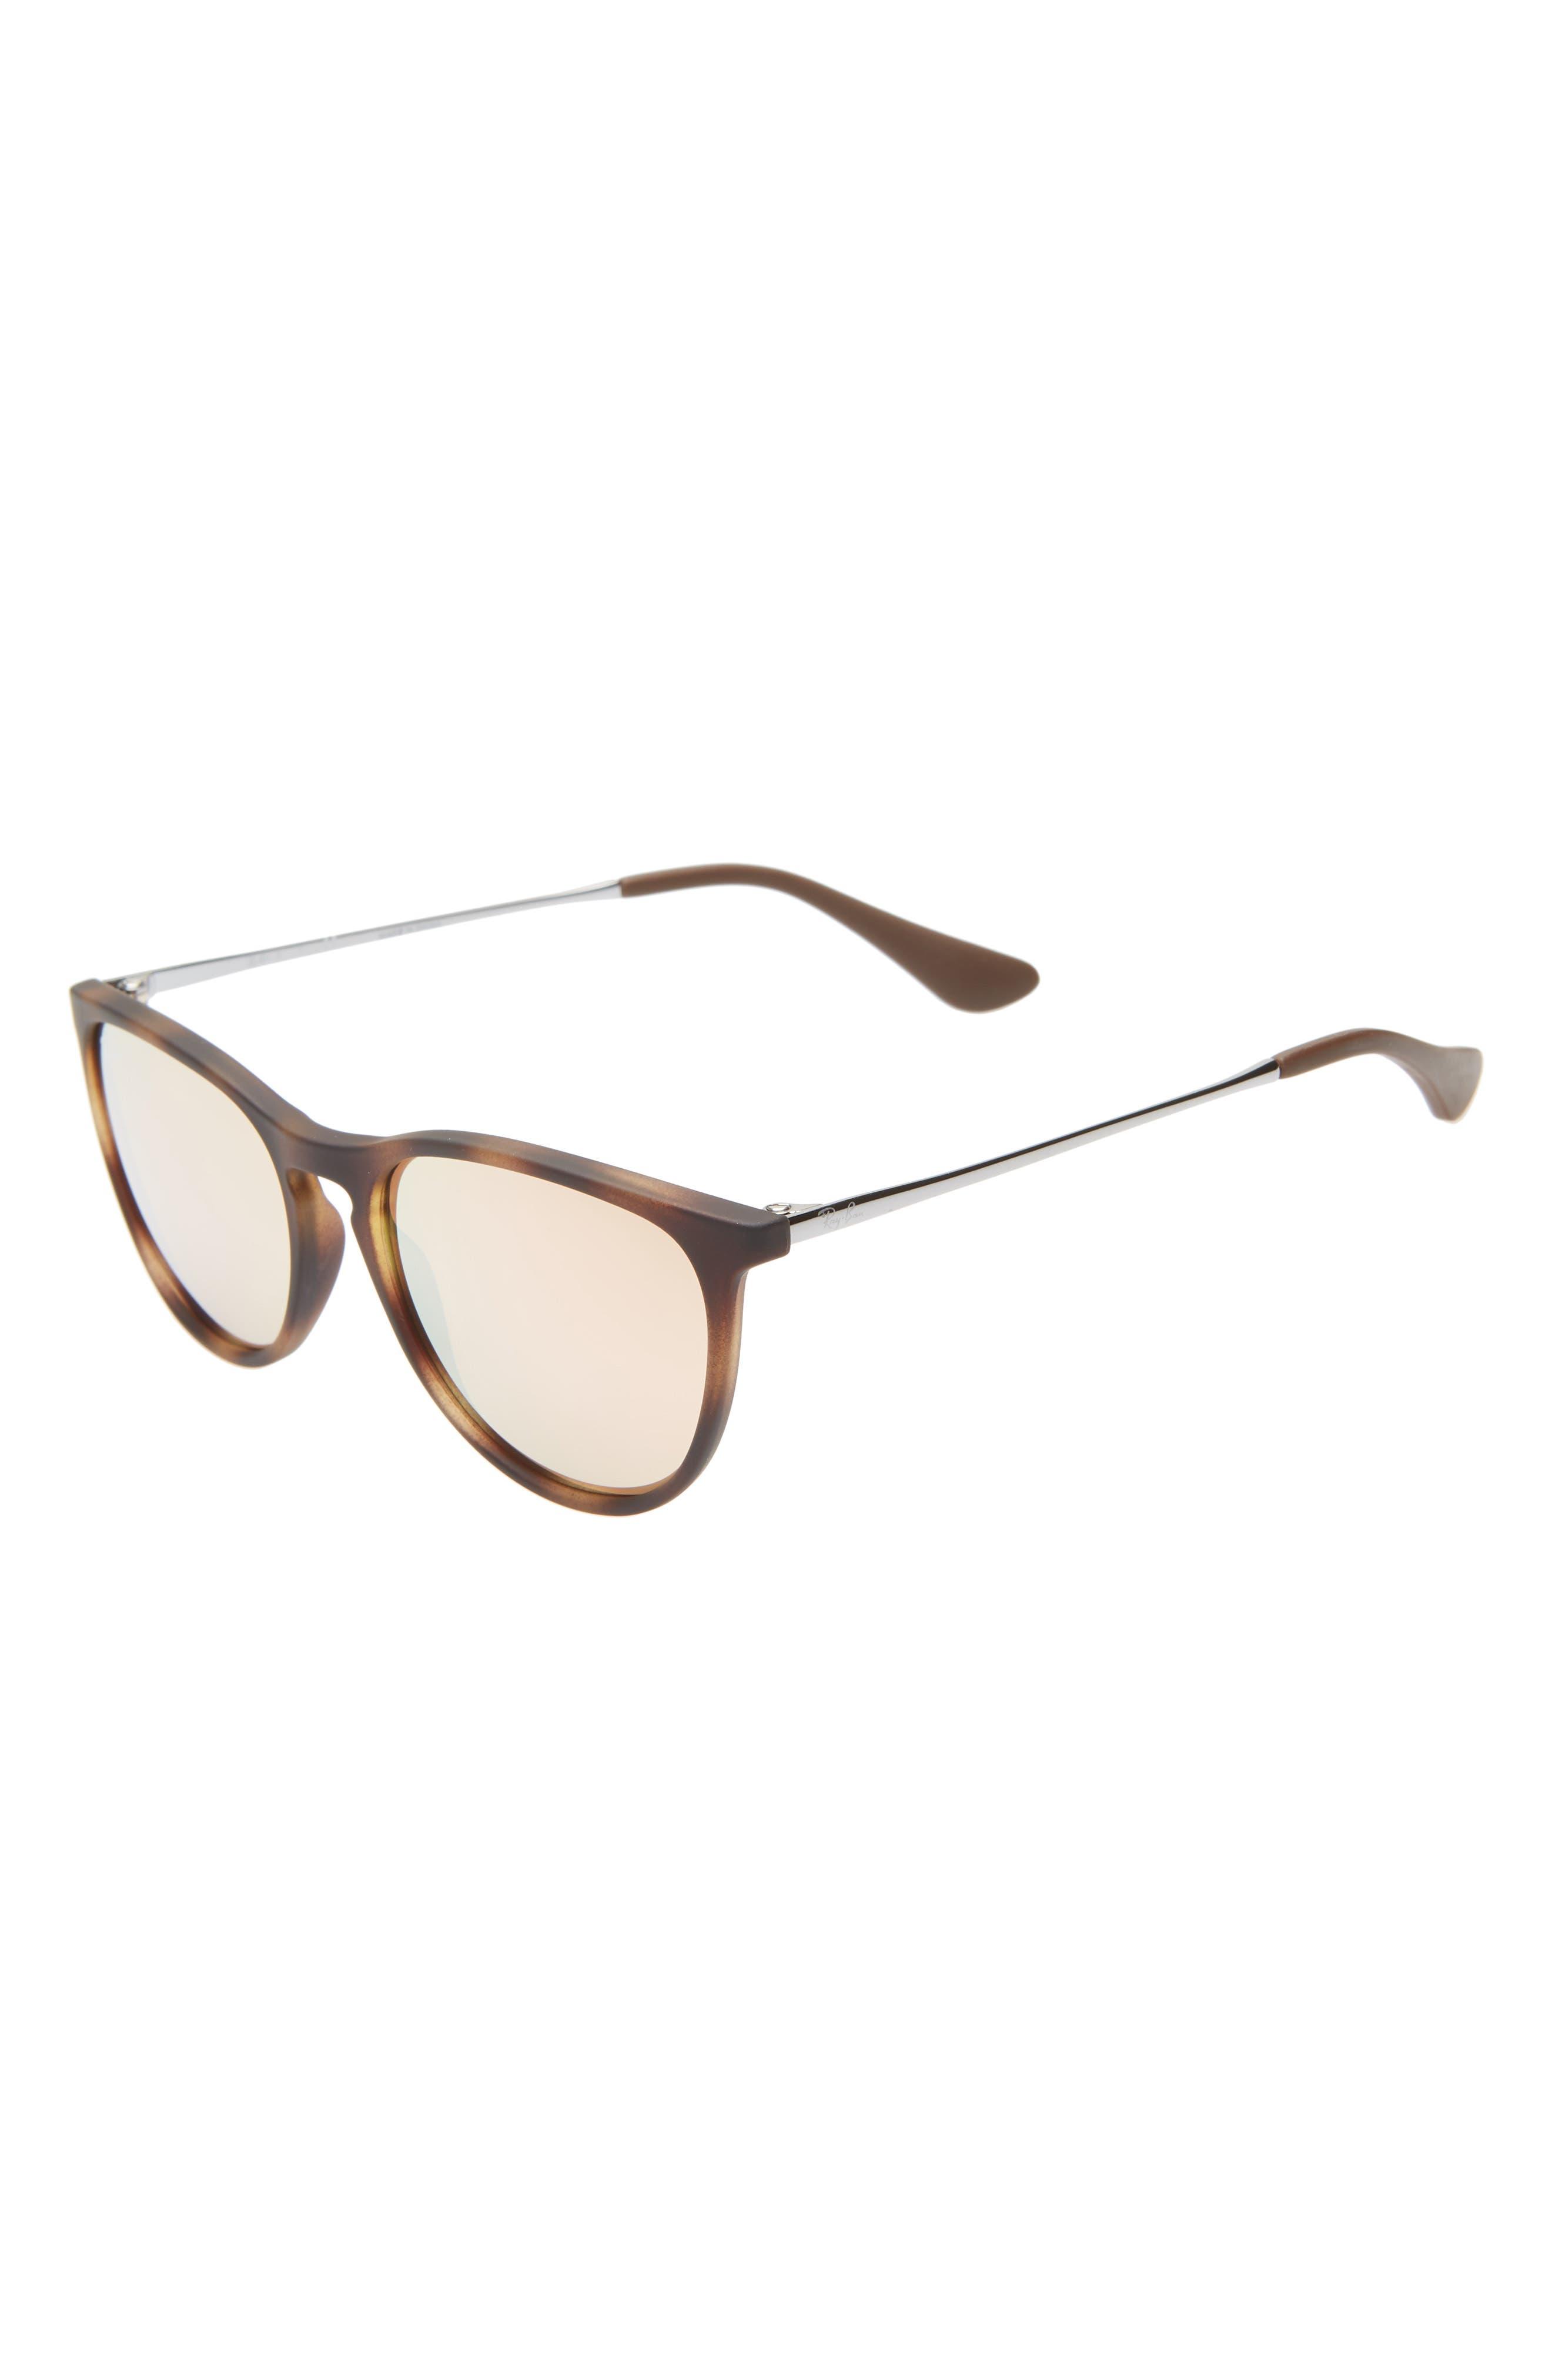 Ray-Bay Junior Izzy 50Mm Mirrored Sunglasses - Tortoise/ Pink Mirror